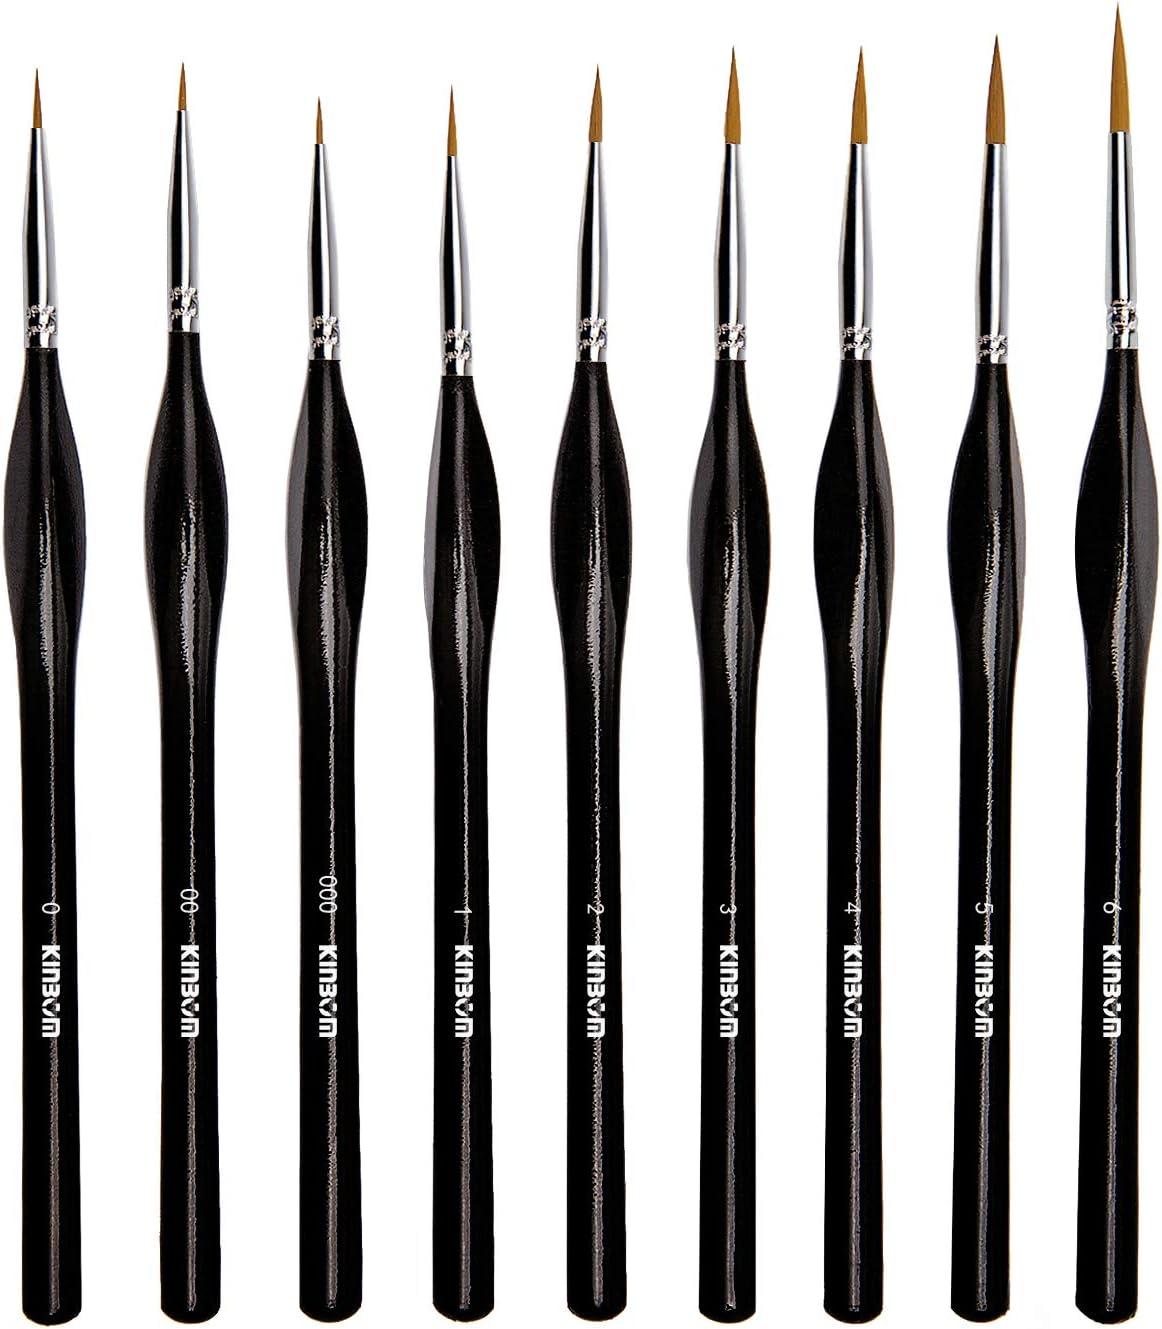 KINBOM Juego de 9 pinceles de pintura en miniatura, pincel de pintura de detalle fino, juego de brochas para acrílico, acuarela, óleo, cara, uñas, pintura de maquetas, dibujo de líneas (negro)